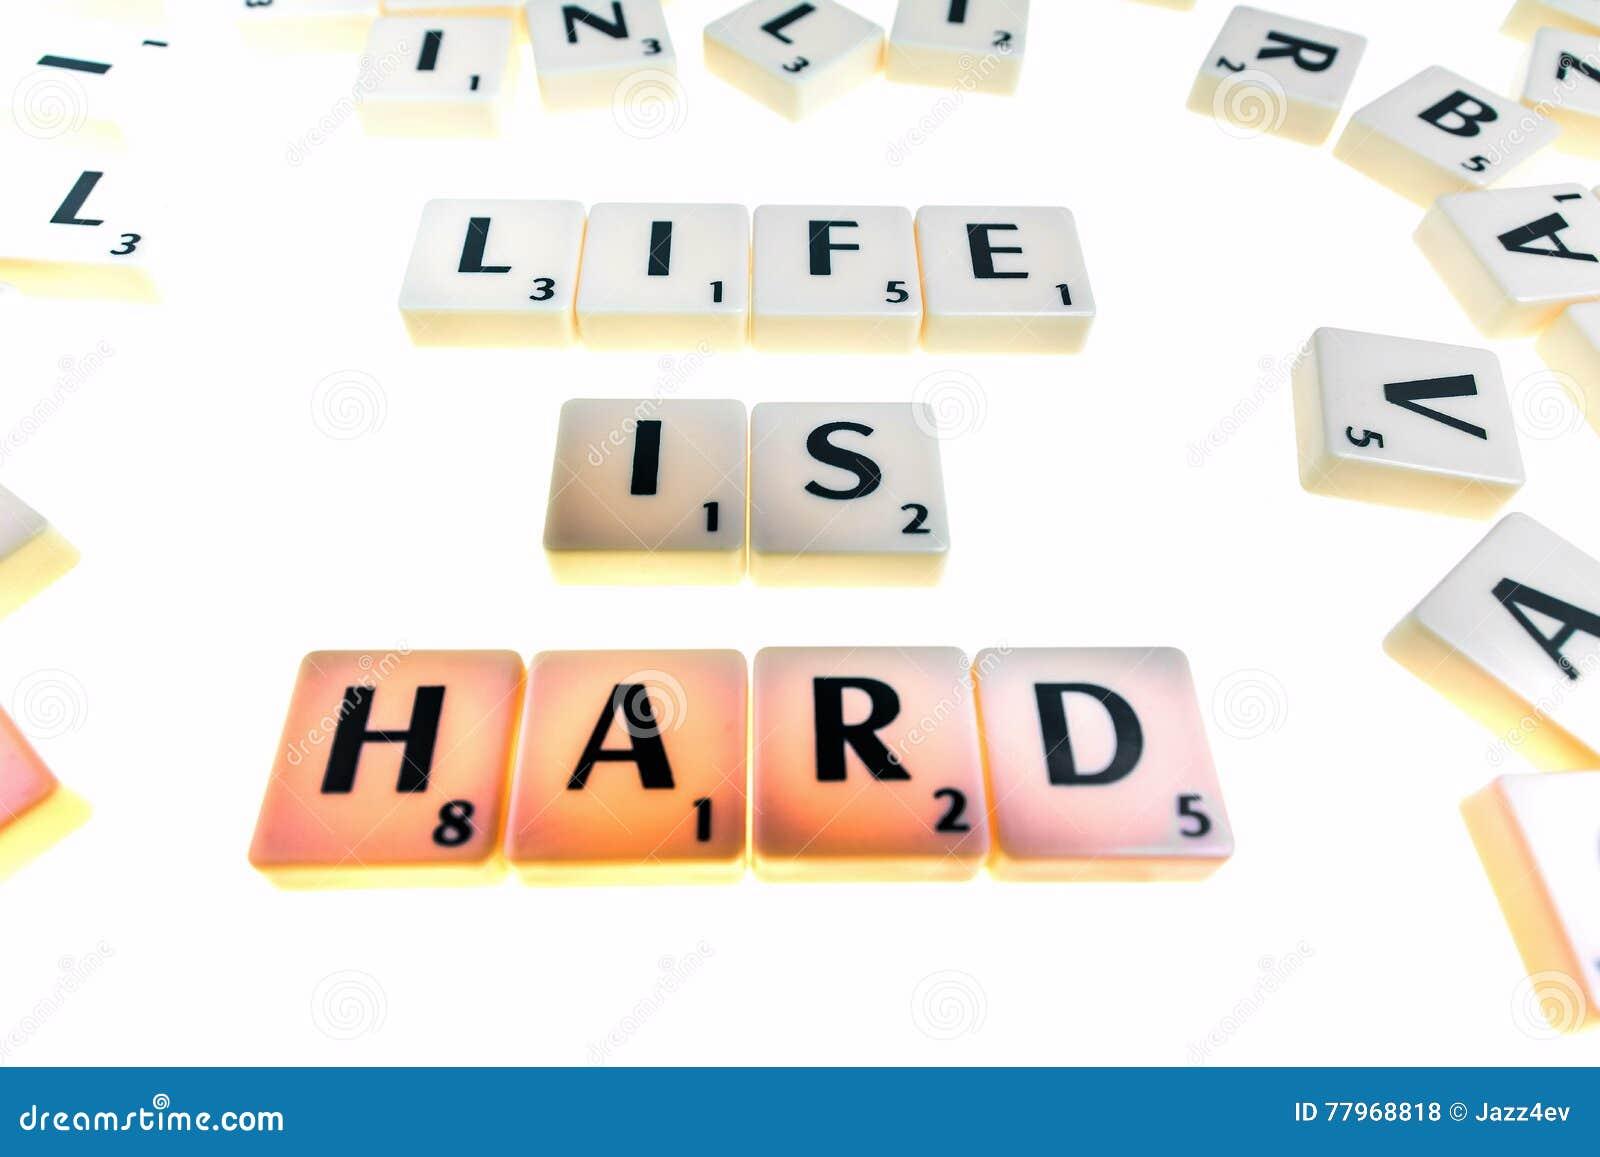 Tuiles avec des lettres formant des mots ou frases photo stock image 77968818 for Ou trouver des tuiles